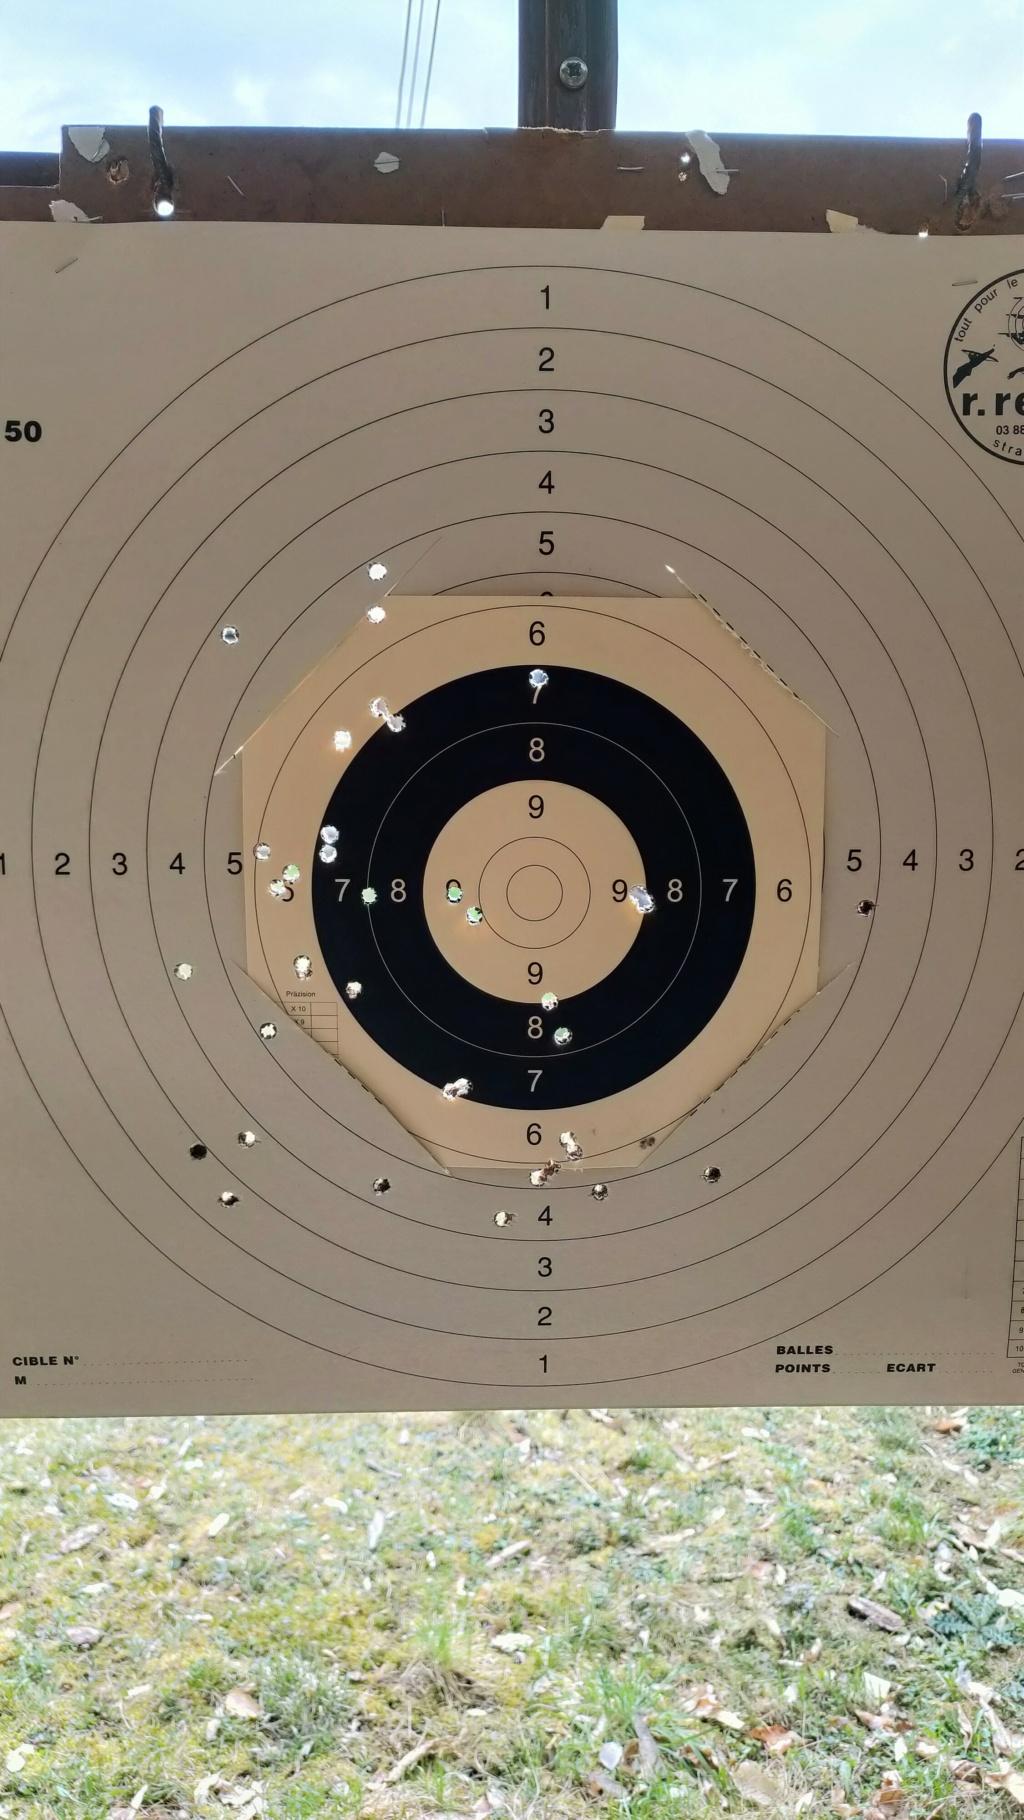 Vos C50 à 100 mètres en VISEE METALLIQUE - Page 29 Img20218